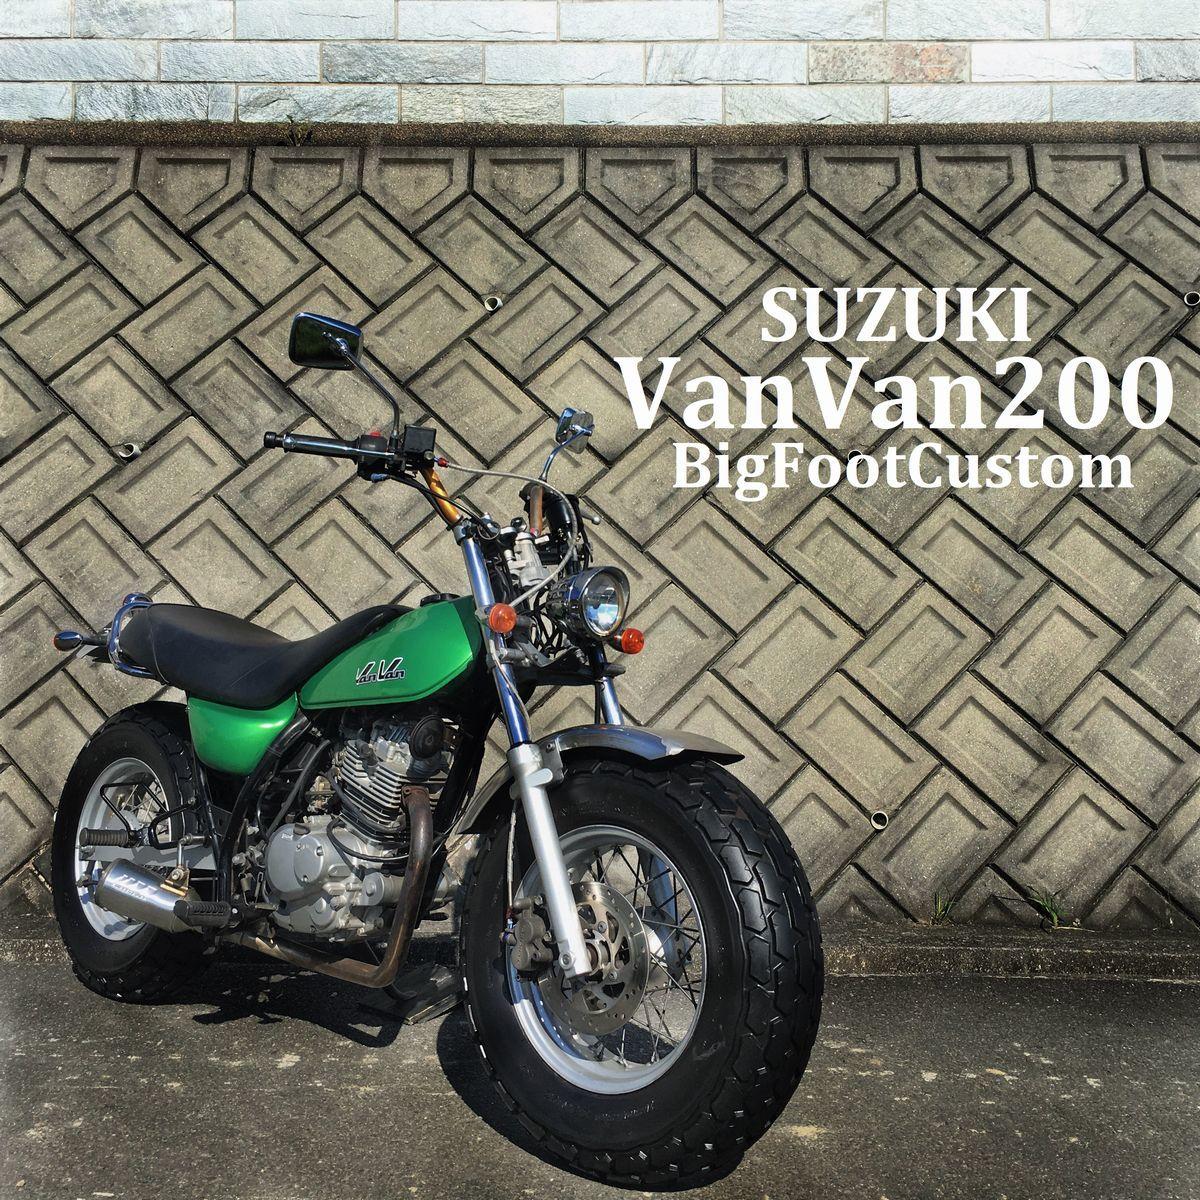 「ストリートをオシャレに駆け巡る! バンバン200 NH41A ファットカスタム ビッグフット 検: TW FTR223 グラストラッカー 250 zxcv21362」の画像1